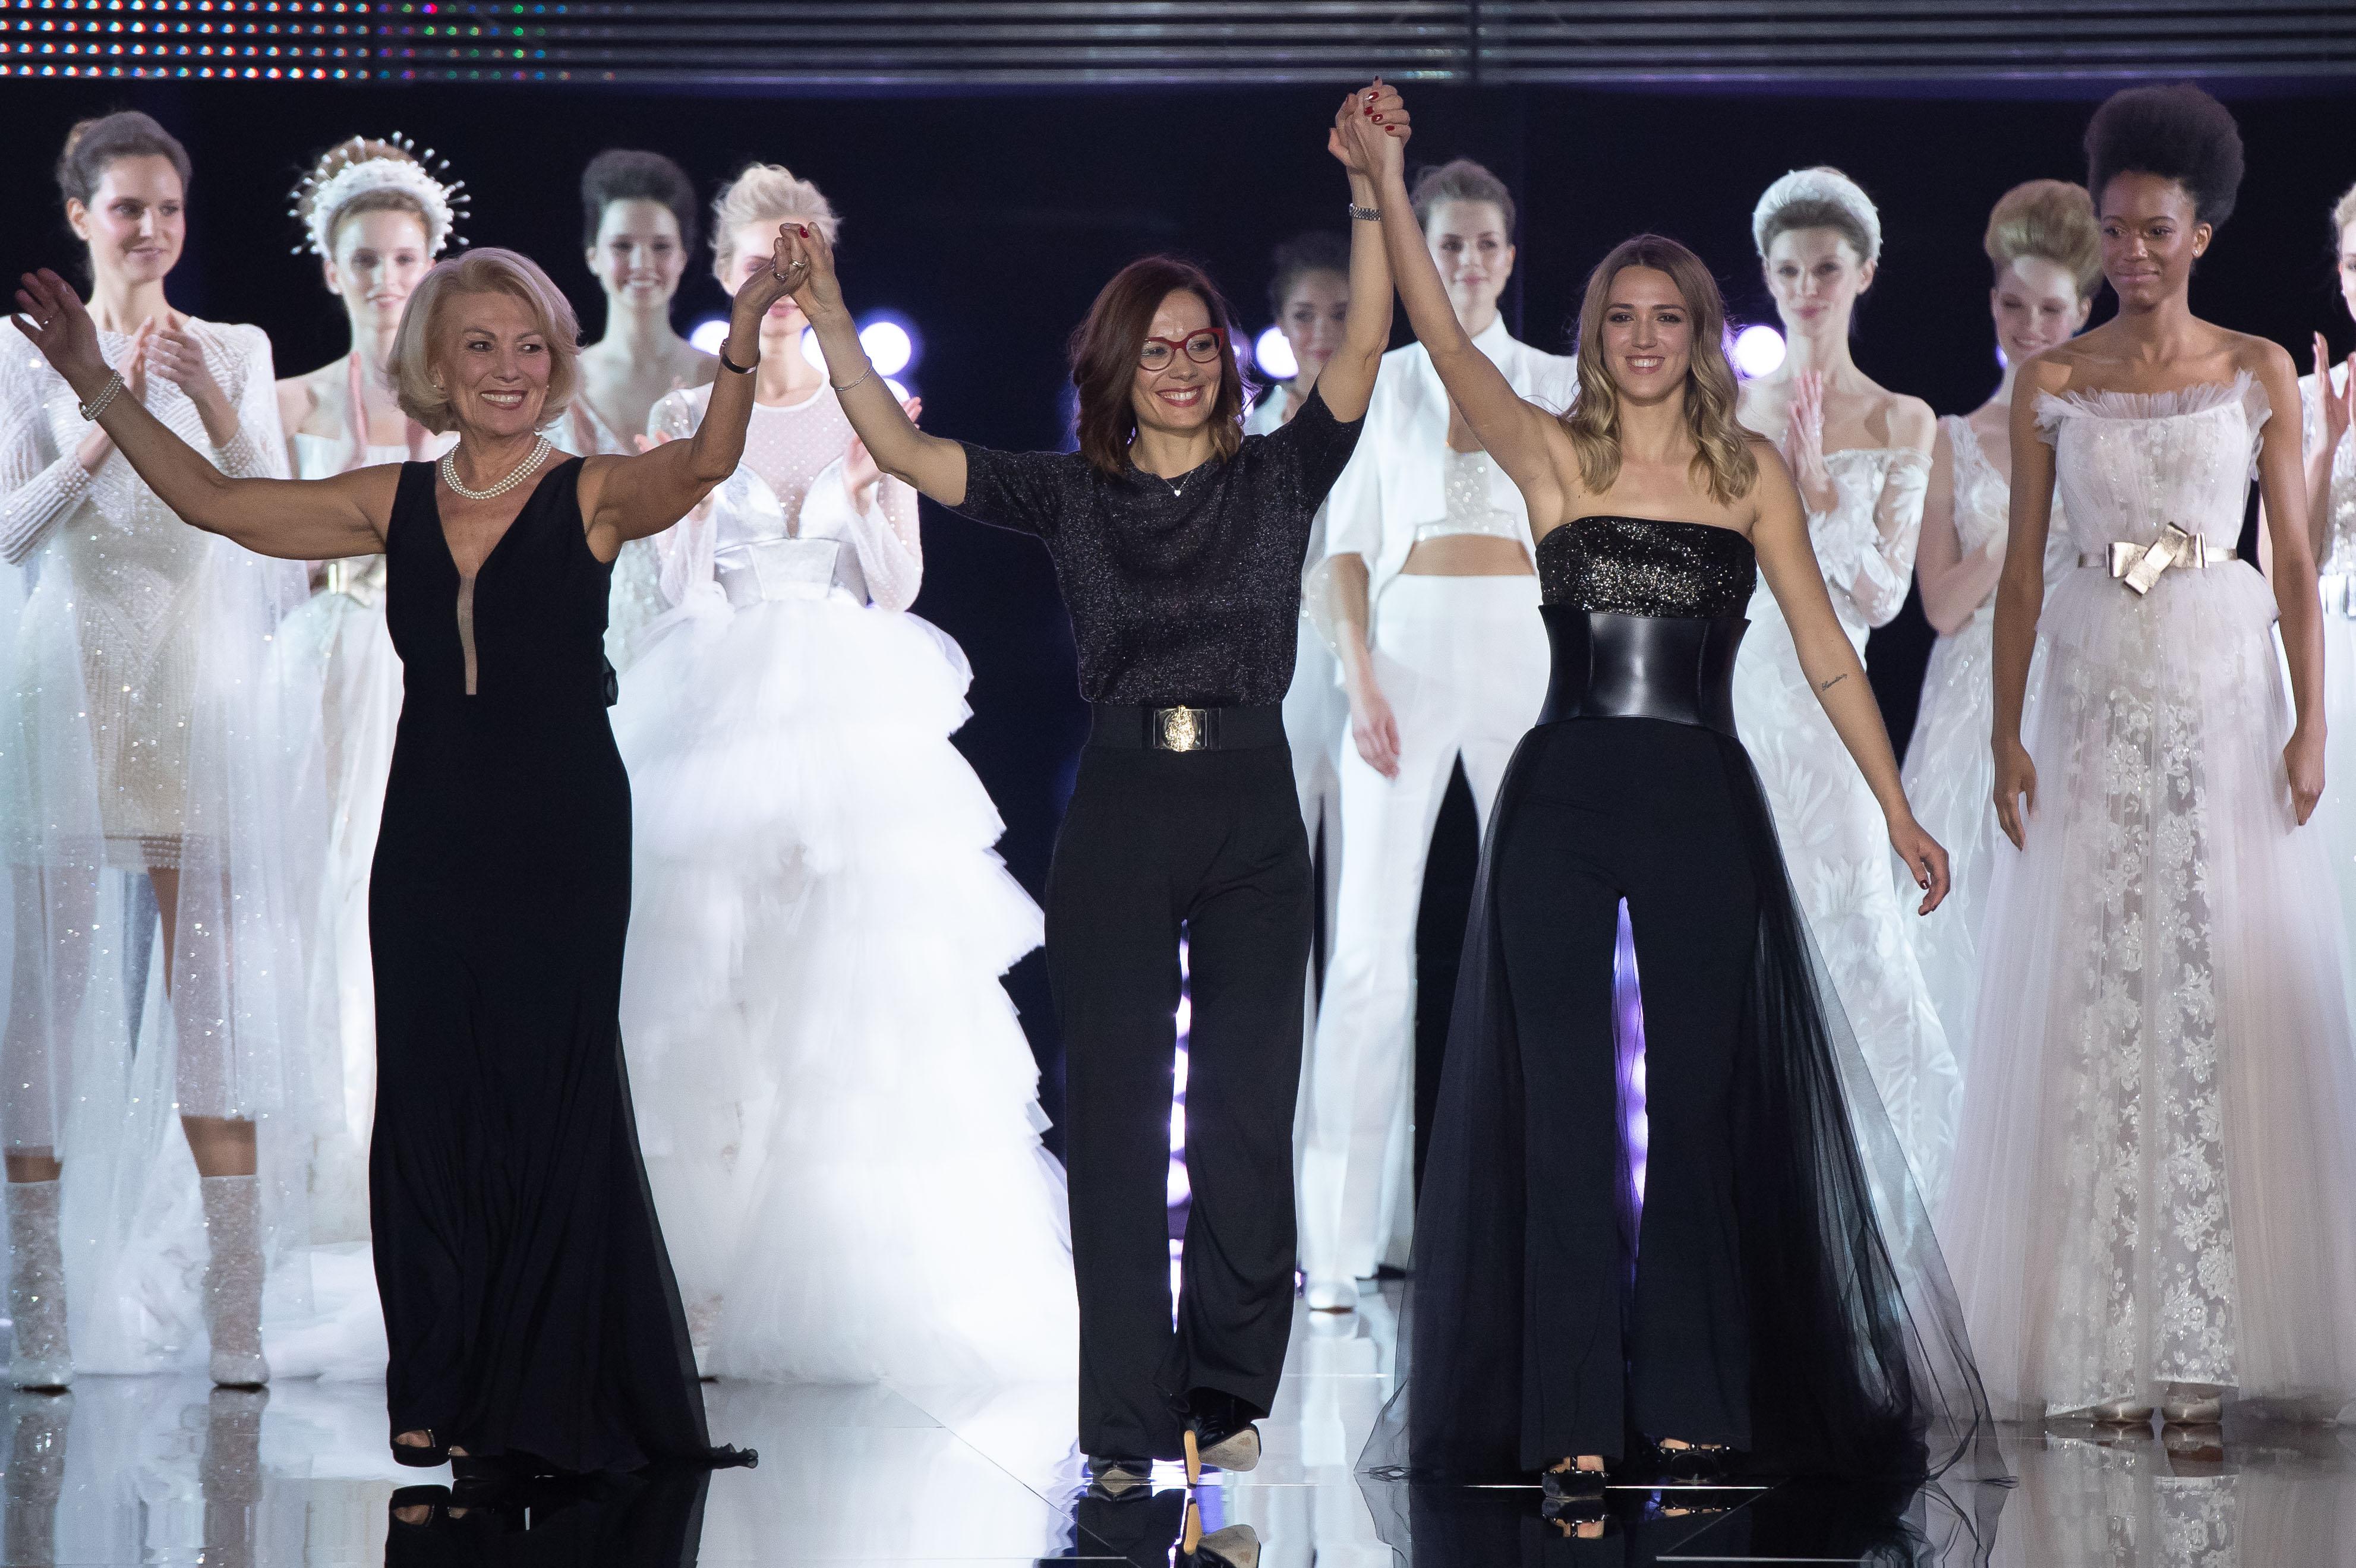 (Italiano) Il sogno italiano di Nicole Spose Milano 2020: un emozionante evento che lega passato, presente e futuro